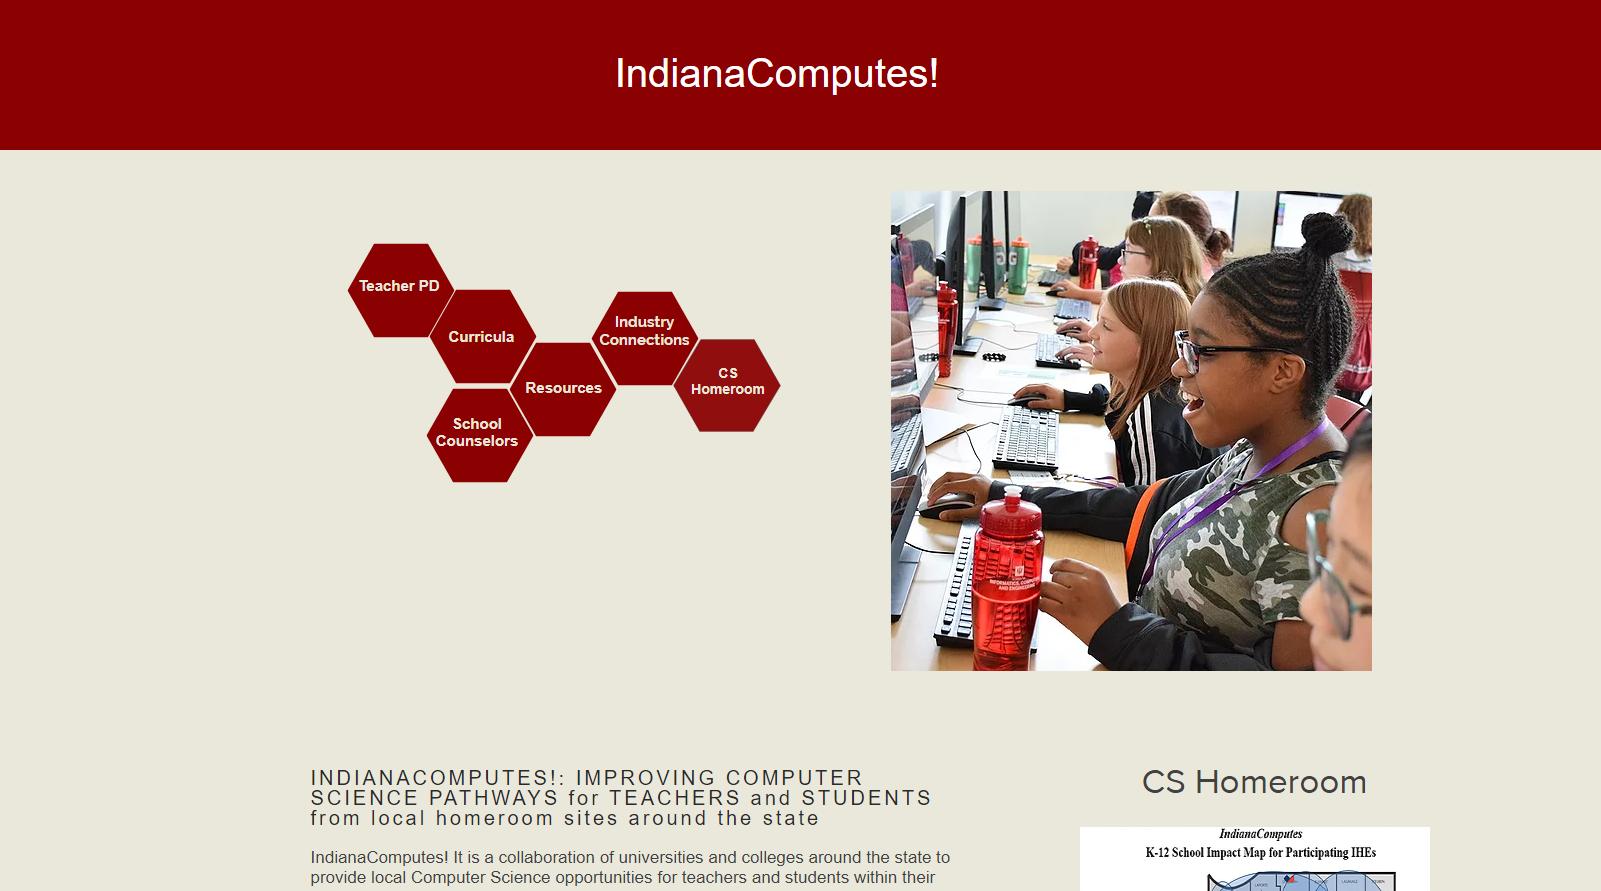 IndianaComputes!